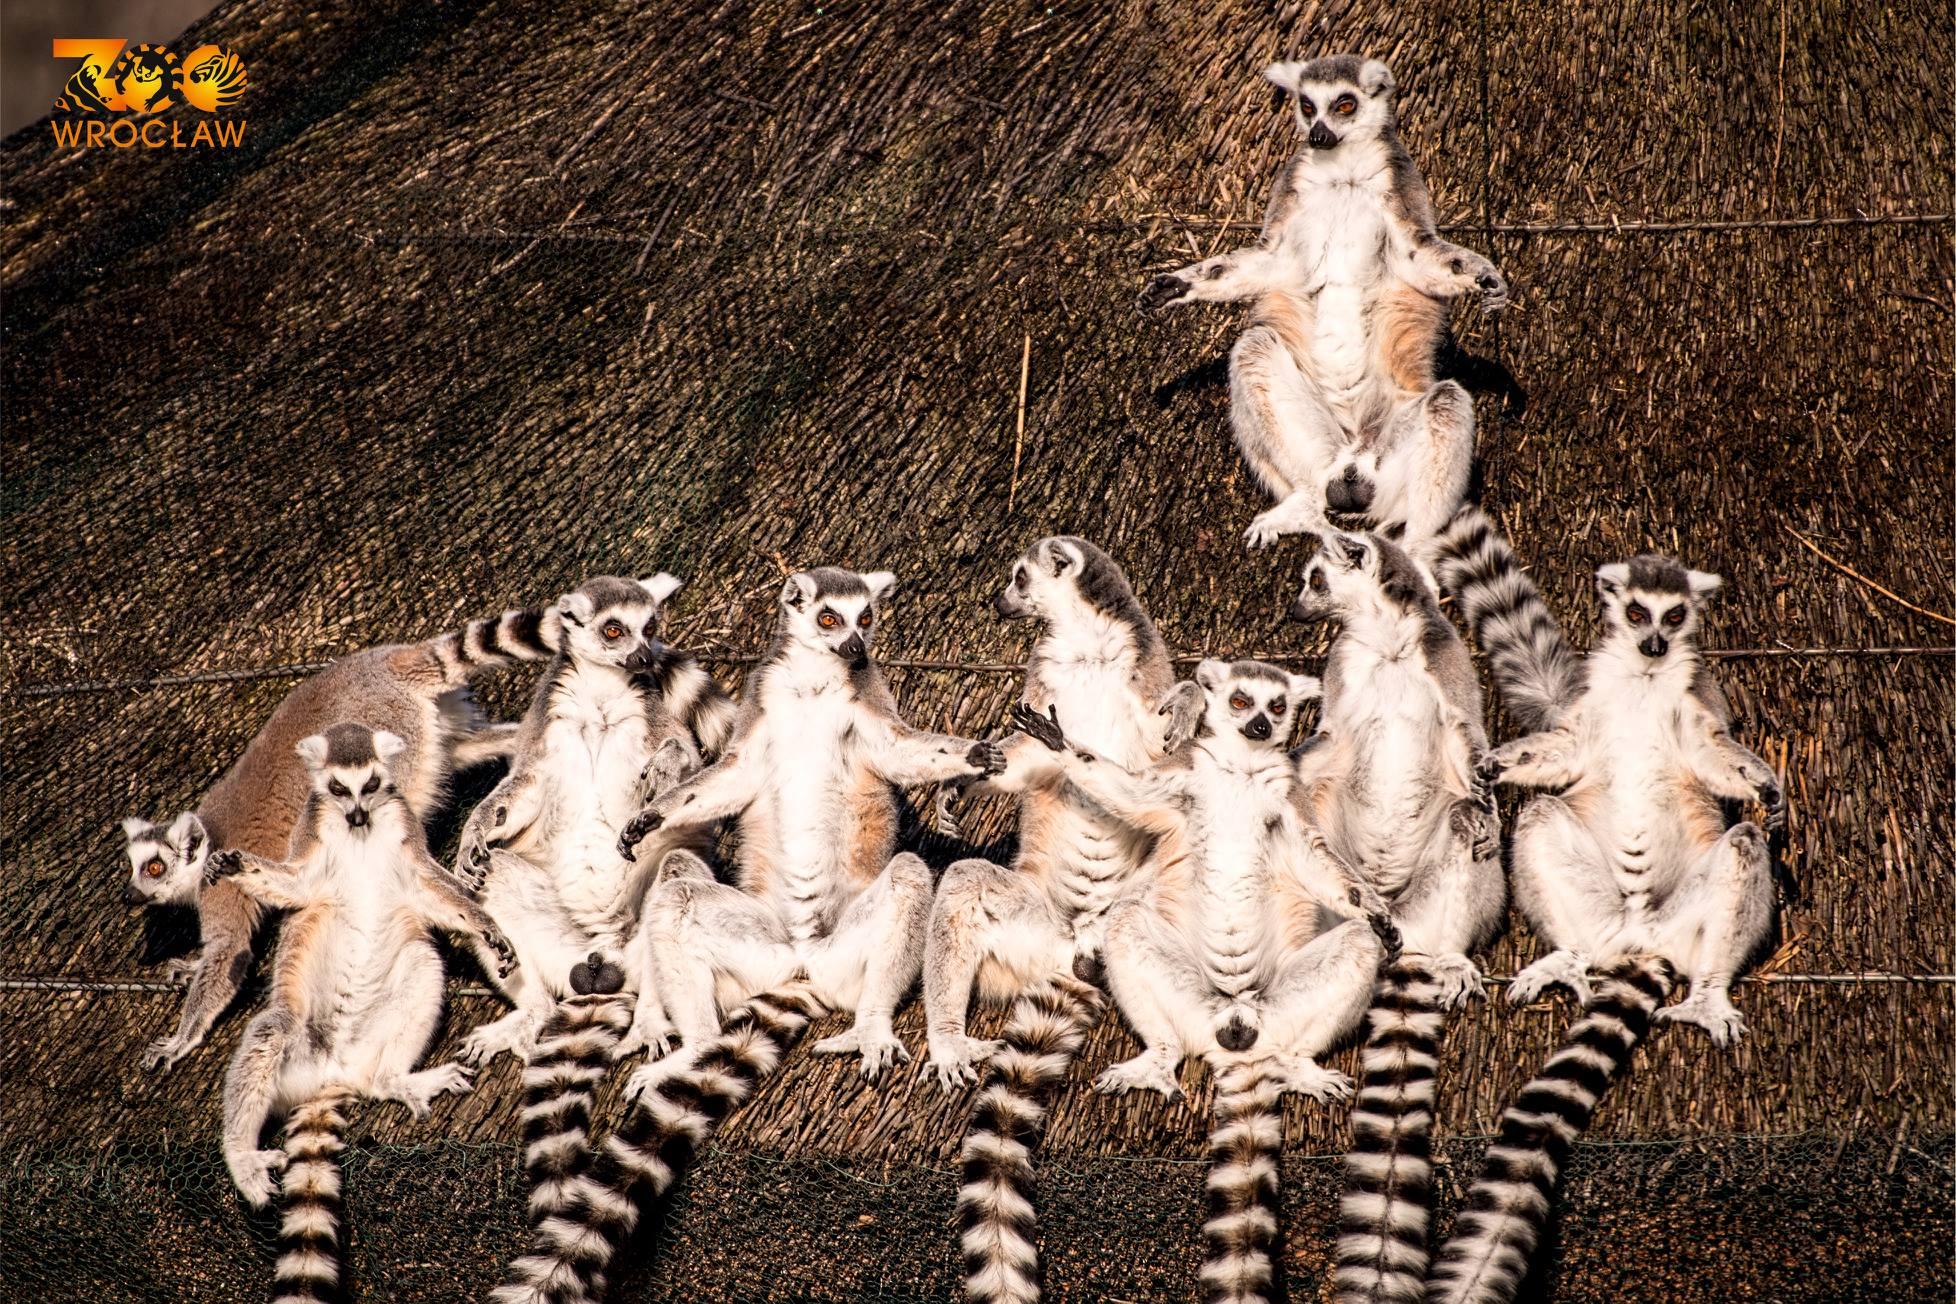 Lemur w marketingu czyli po pierwsze, nie szkodzić fot. ZOO Wrocław (3)